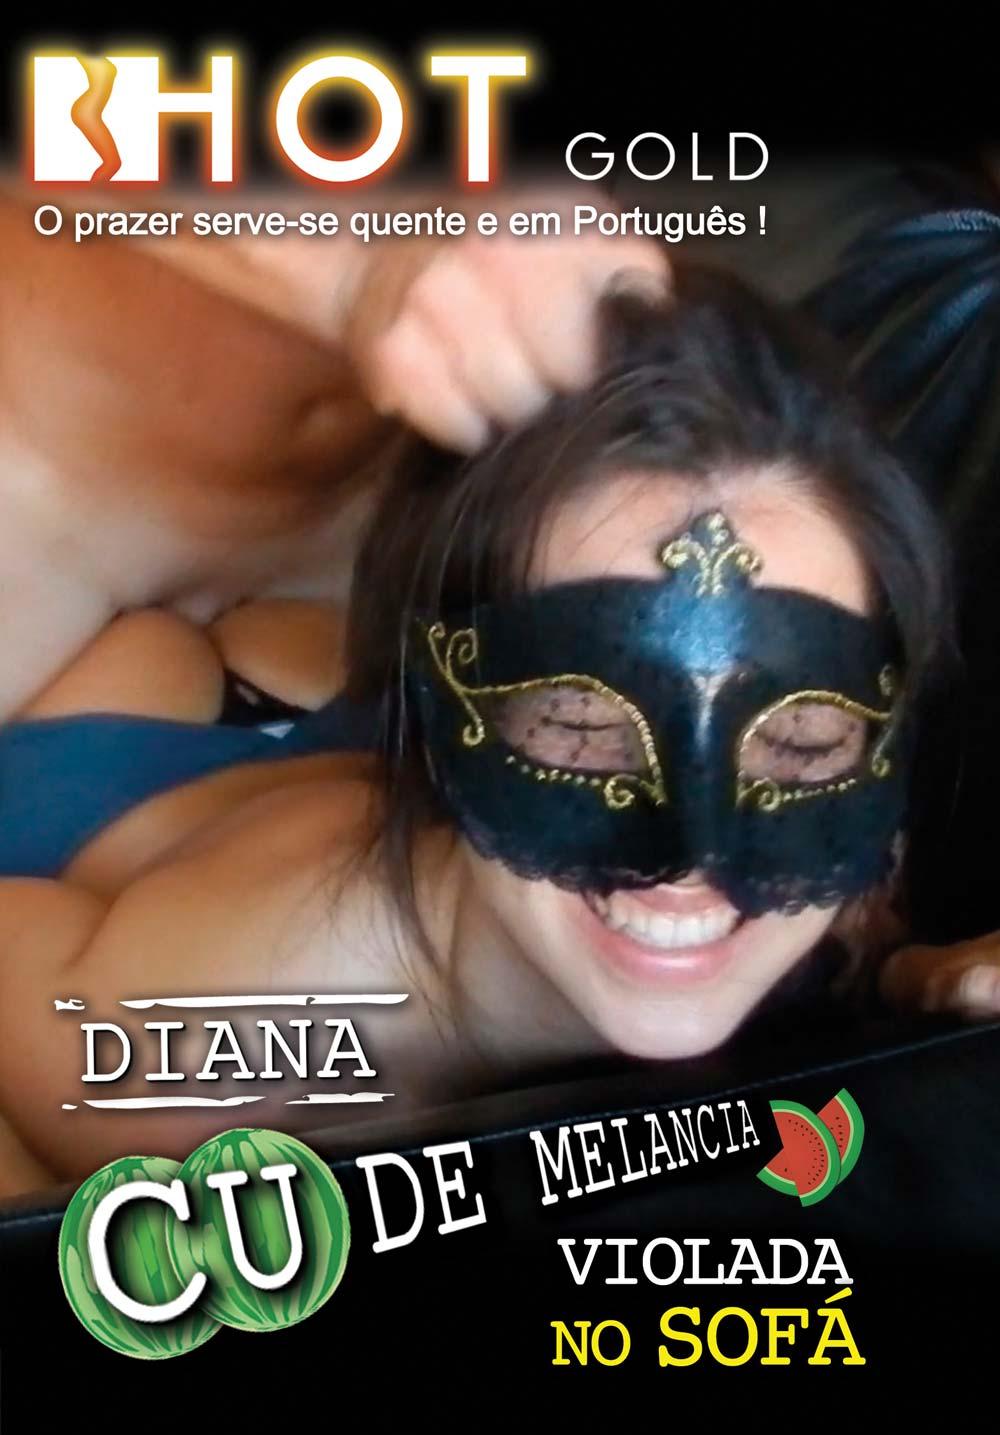 Diana cu de melancia compilation compilao